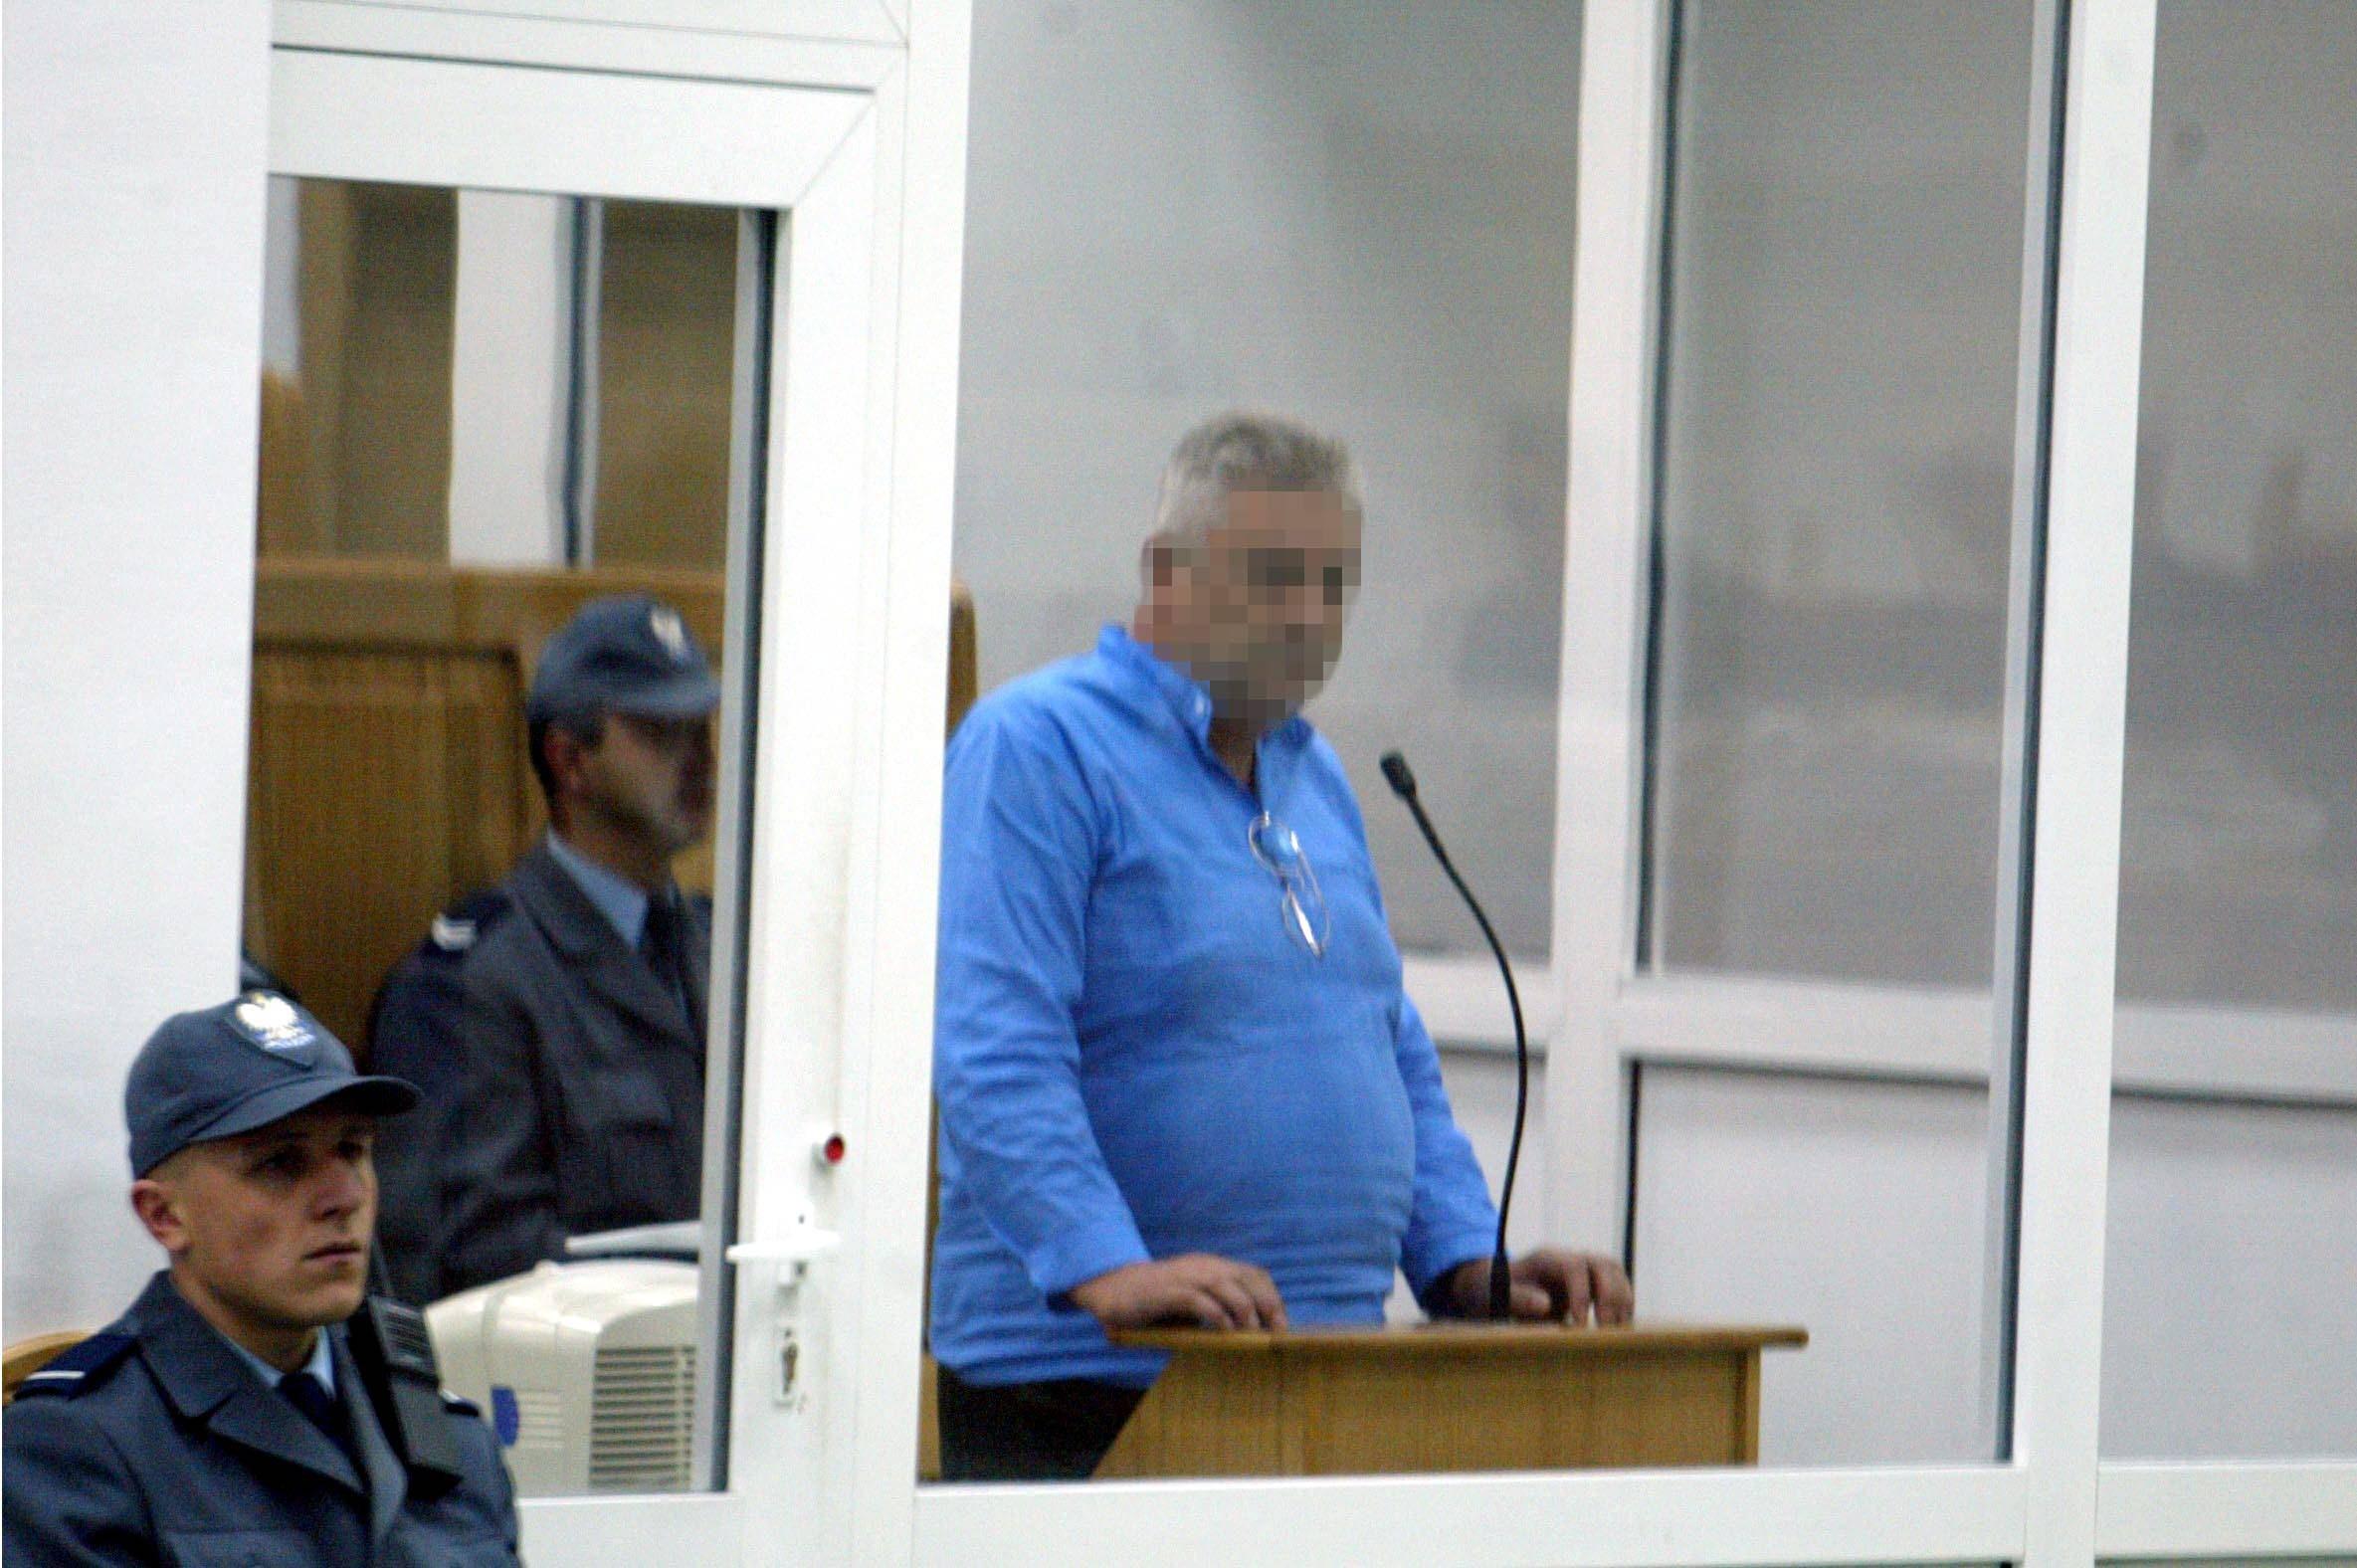 Wrzesień 2002 r. Sąd Okręgowy w Warszawie. Proces mafii pruszkowskiej (fot. Wojciech Olkuśnik / Agencja Gazeta)